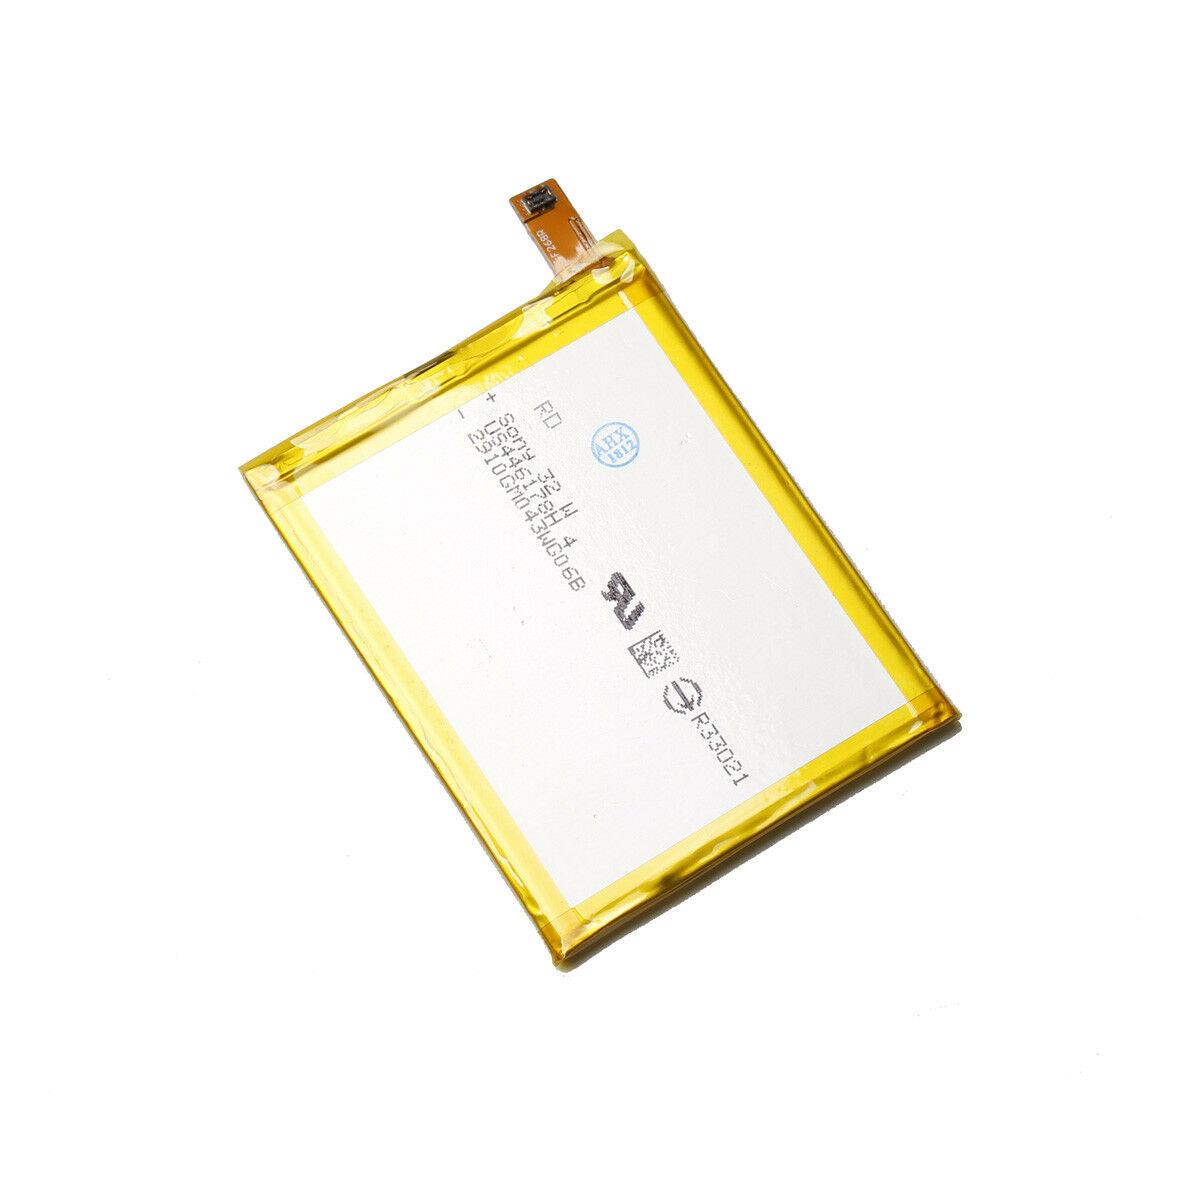 باتری-گوشی-موبایل-سونی-اکسپریا-زد-تری-پلاس-Sony-Xperia-Z3-Plus-Z4-E6553-2930mAh-LIS1579ERPC...jpg